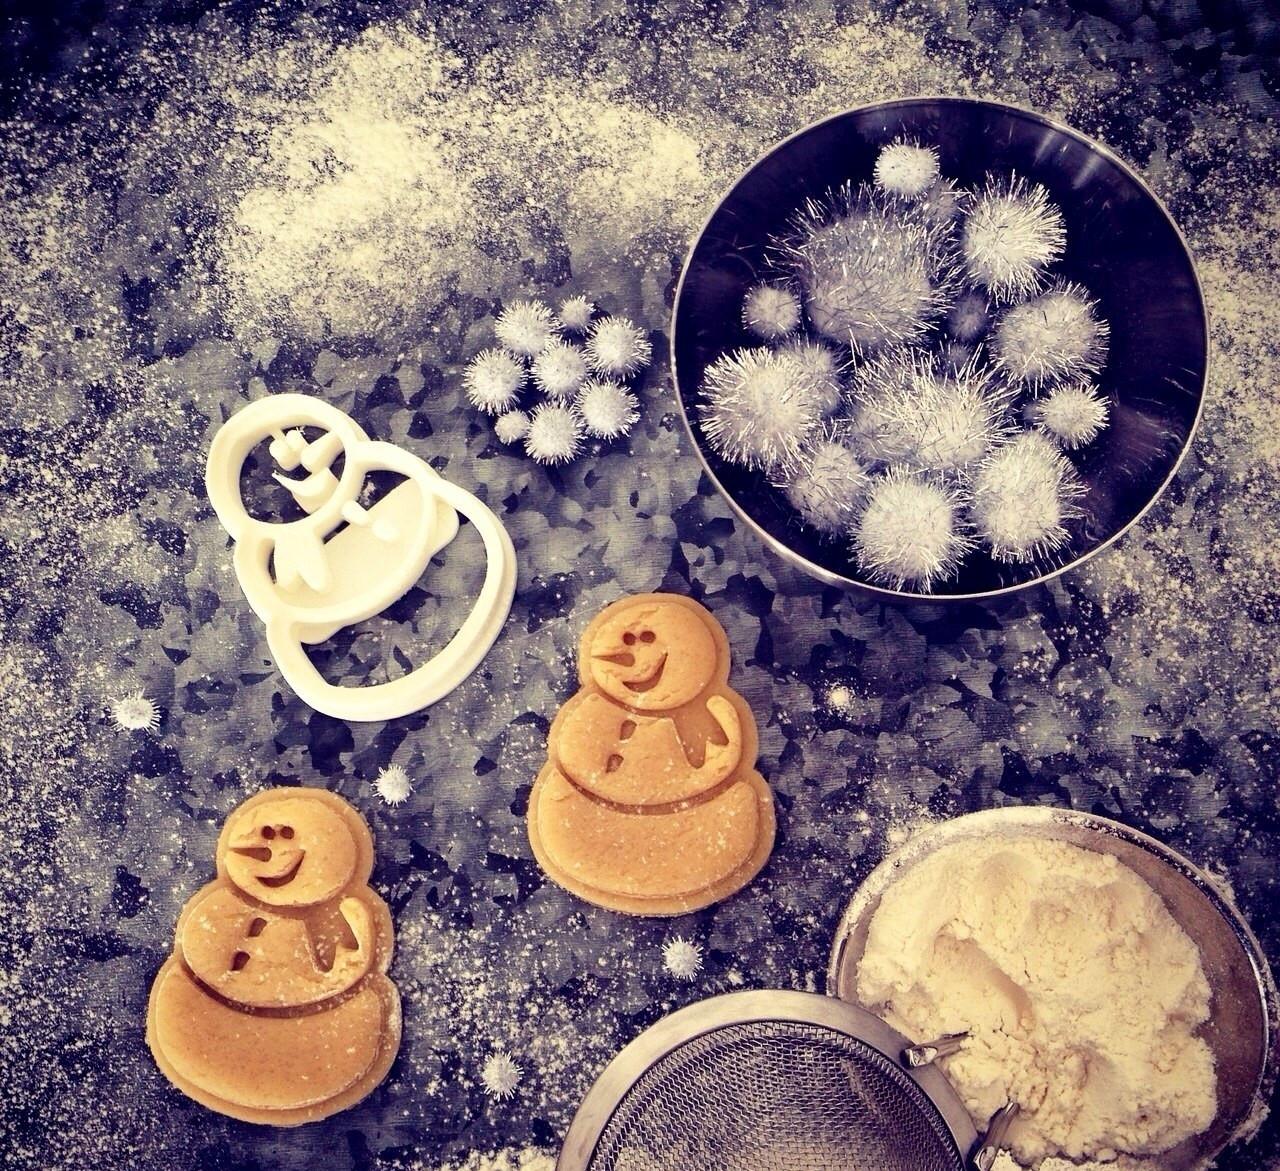 Висічка для пряників у вигляді сніговичка